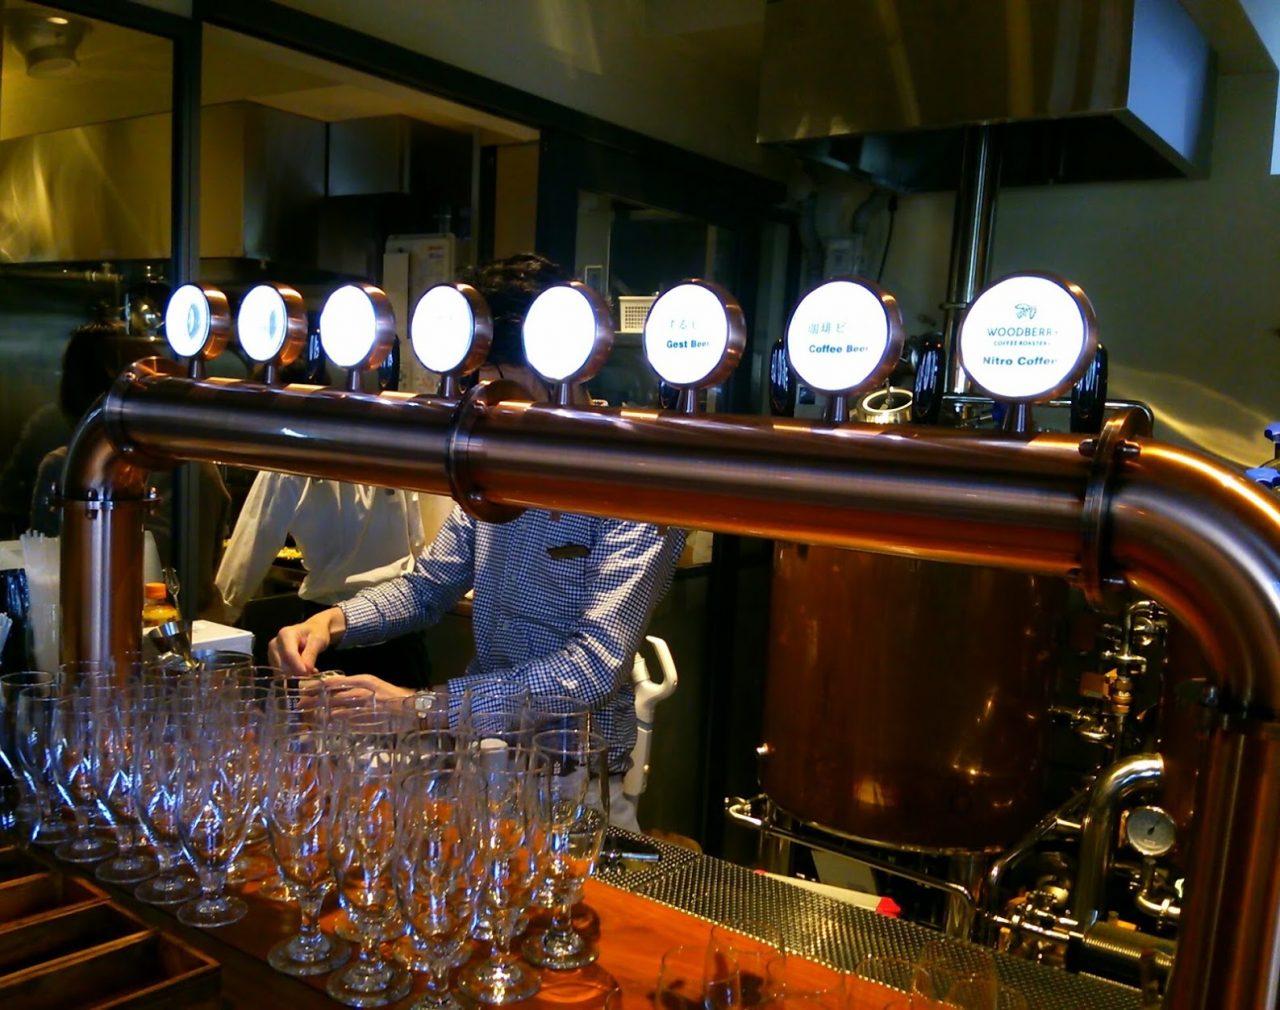 柳小路南角 ふたこビール醸造所 ビール2